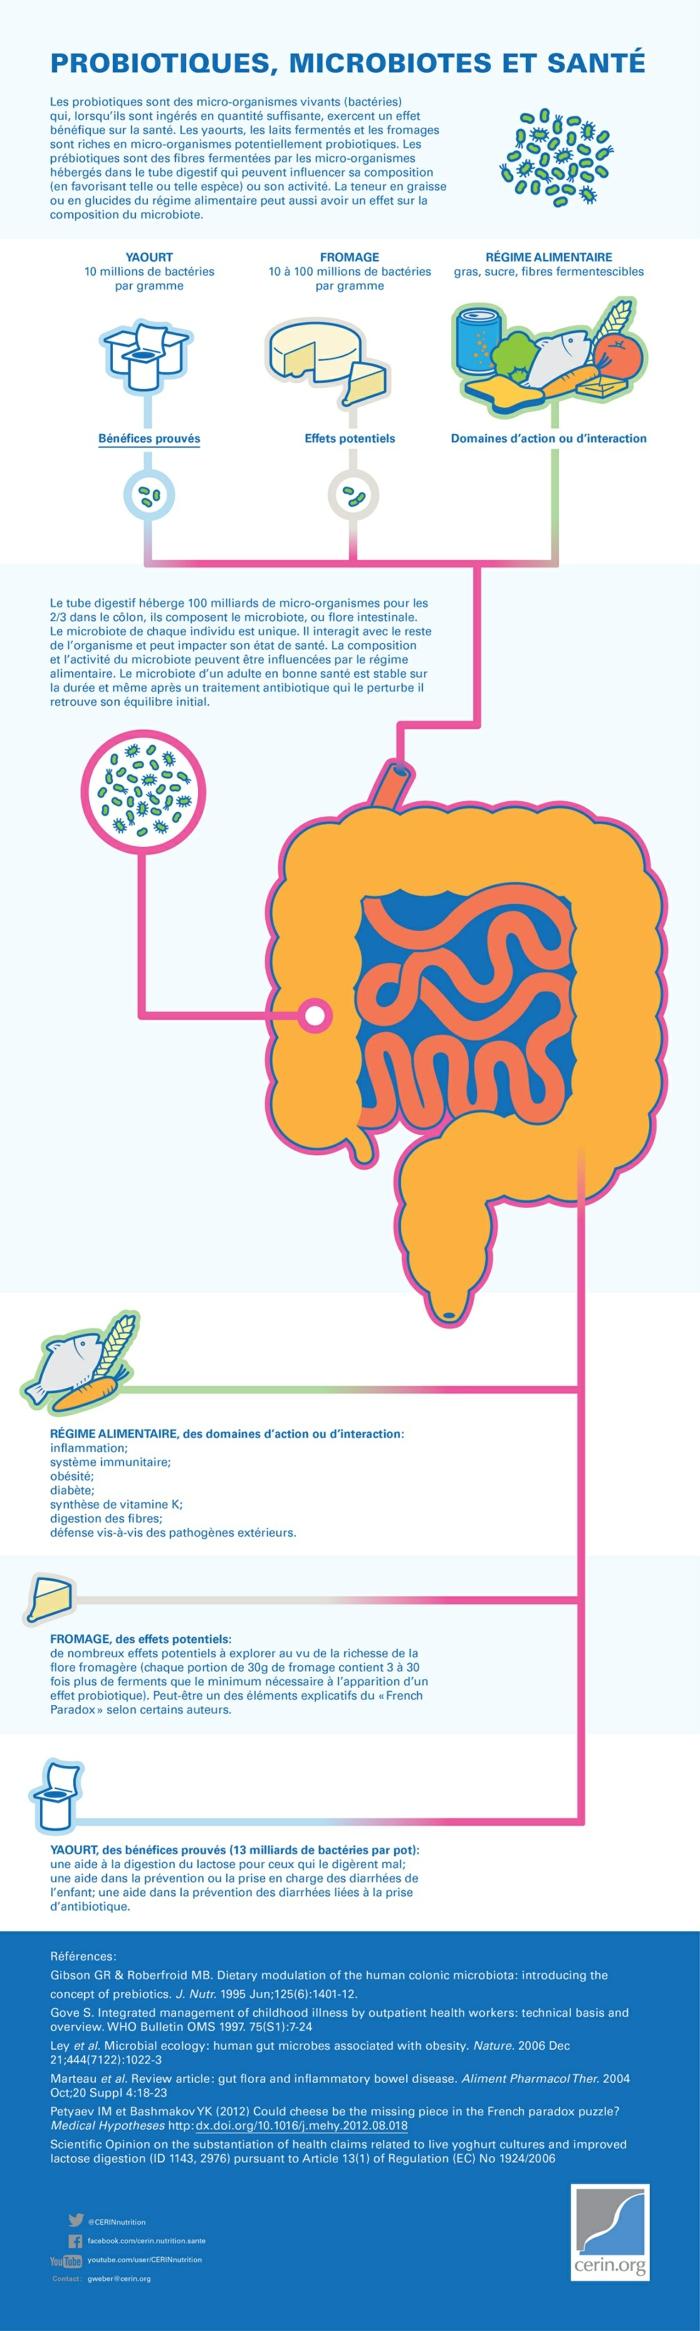 pro biotiques pour la bonne santé information en images